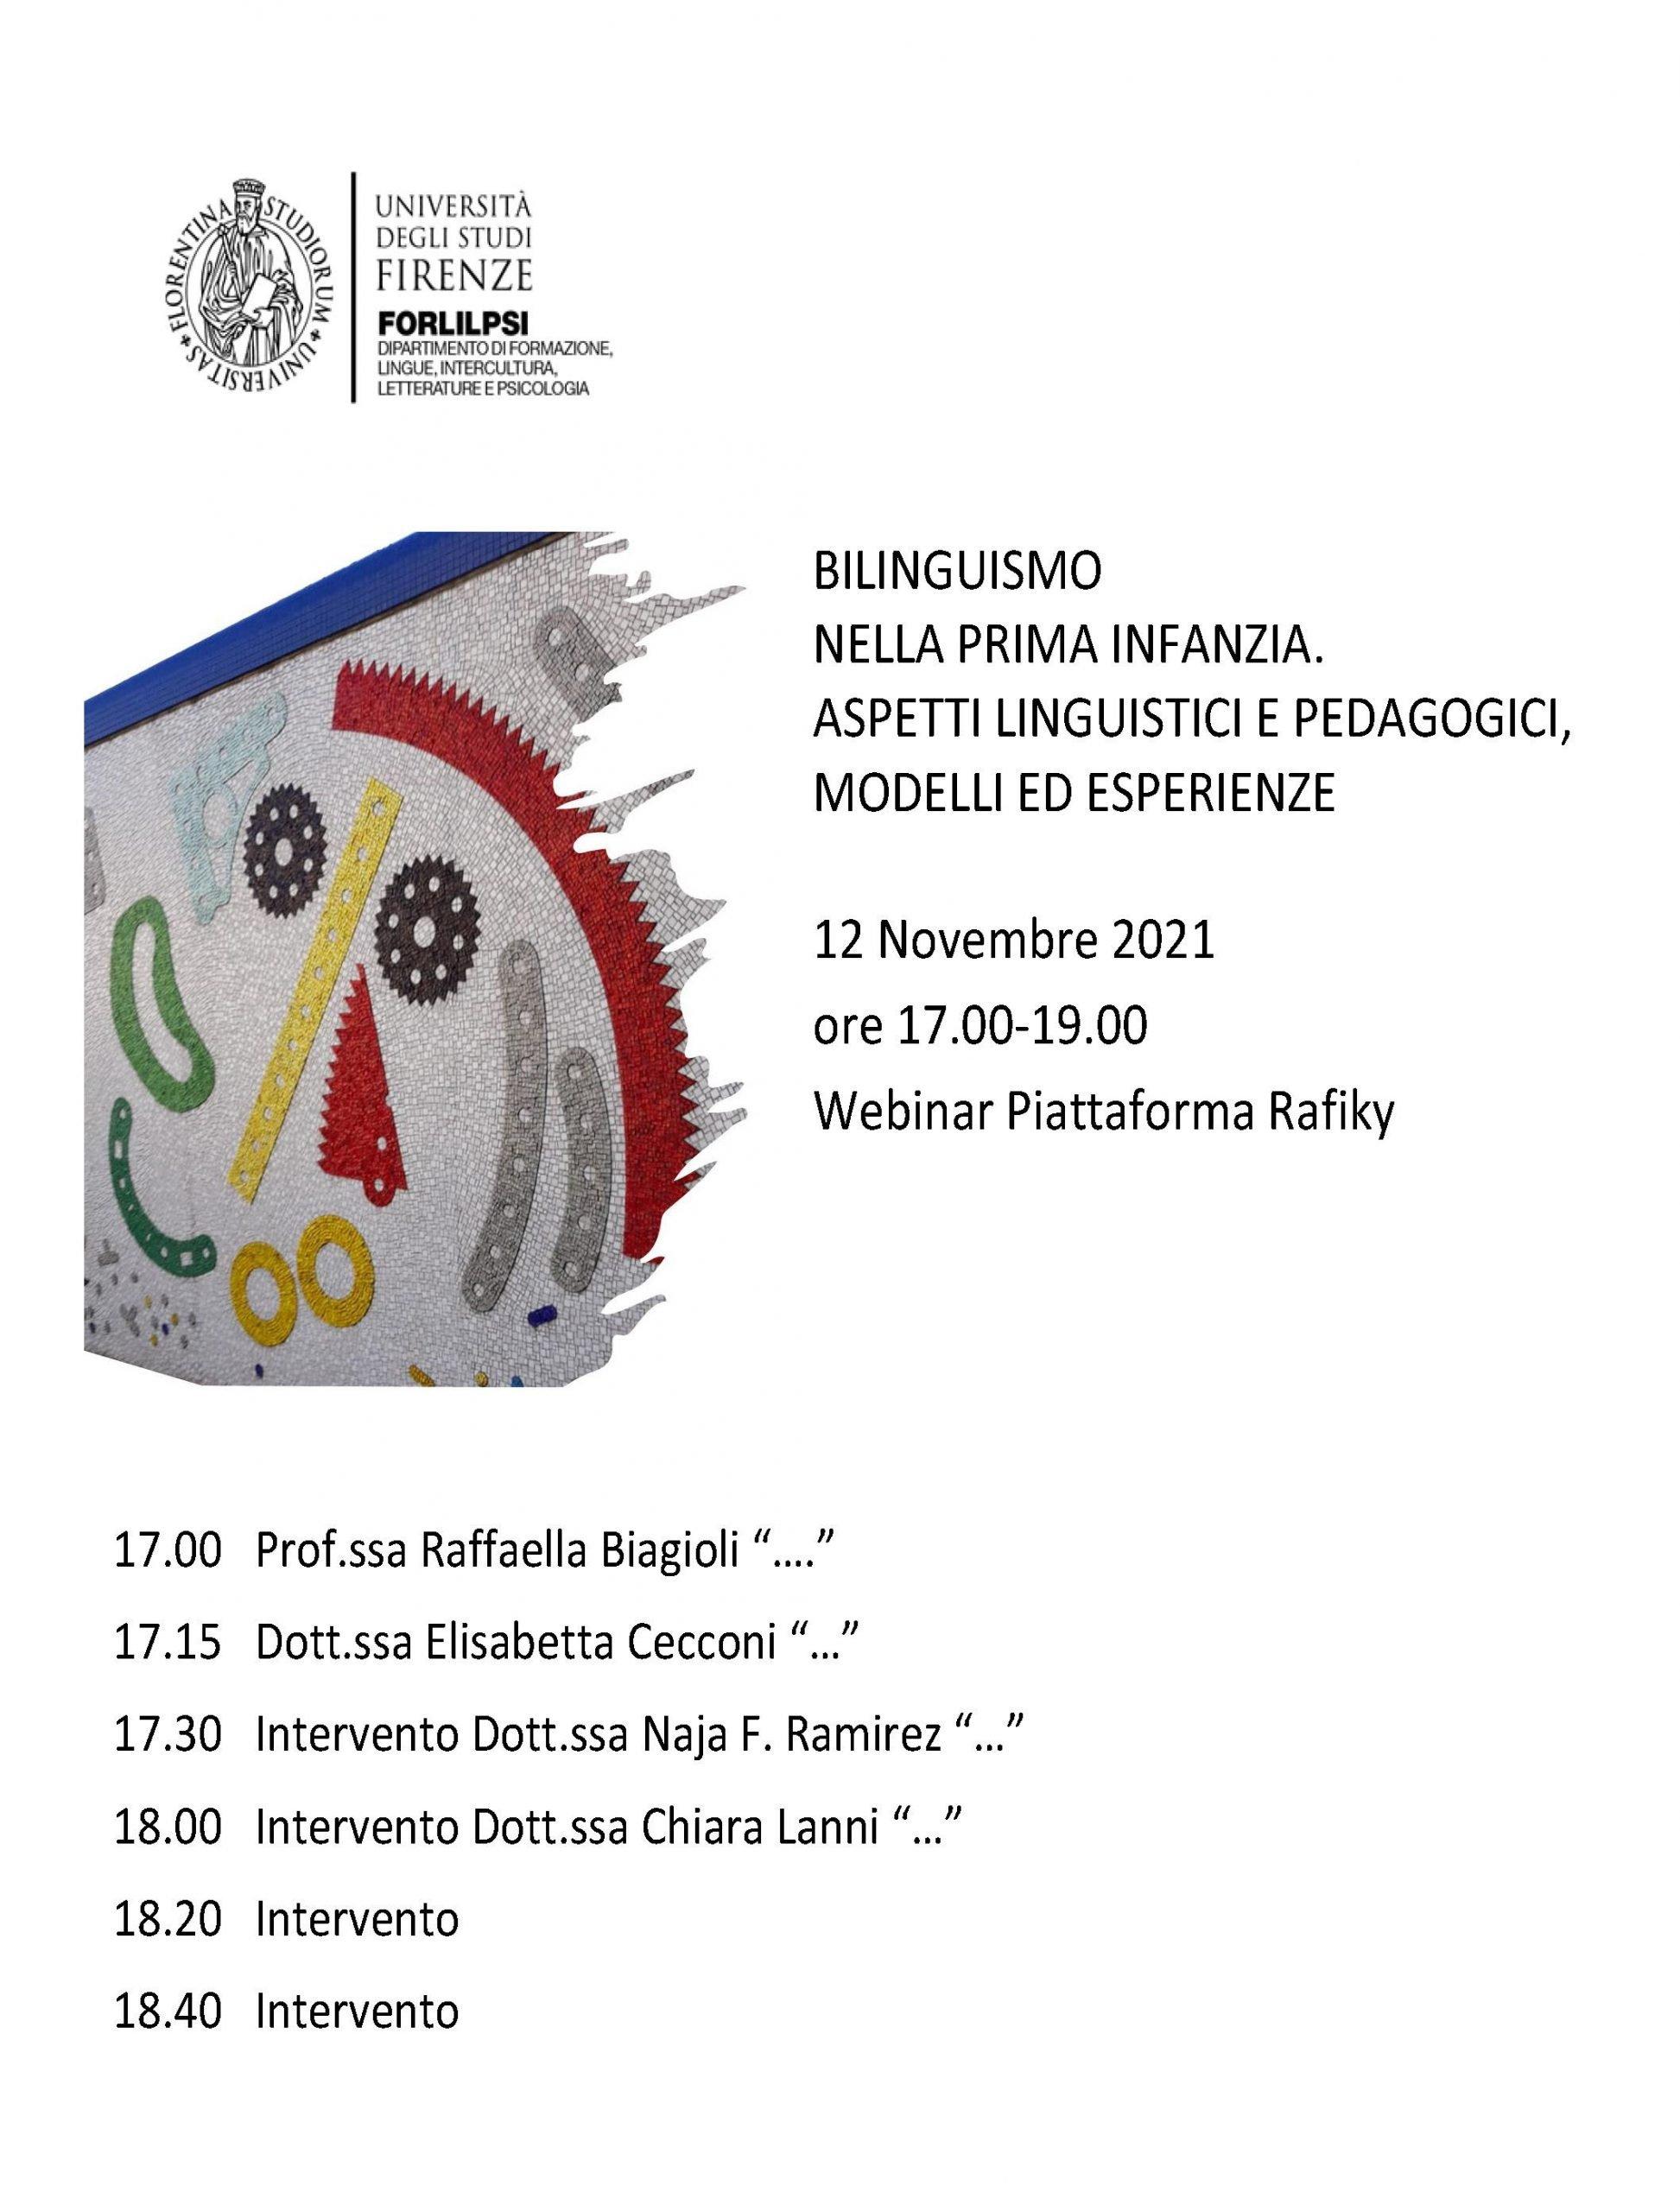 """Convegno """"Bilinguismo nella prima infanzia. Aspetti linguistici e pedagogici, modelli ed esperienze"""" - 12 Novembre - Locandina"""